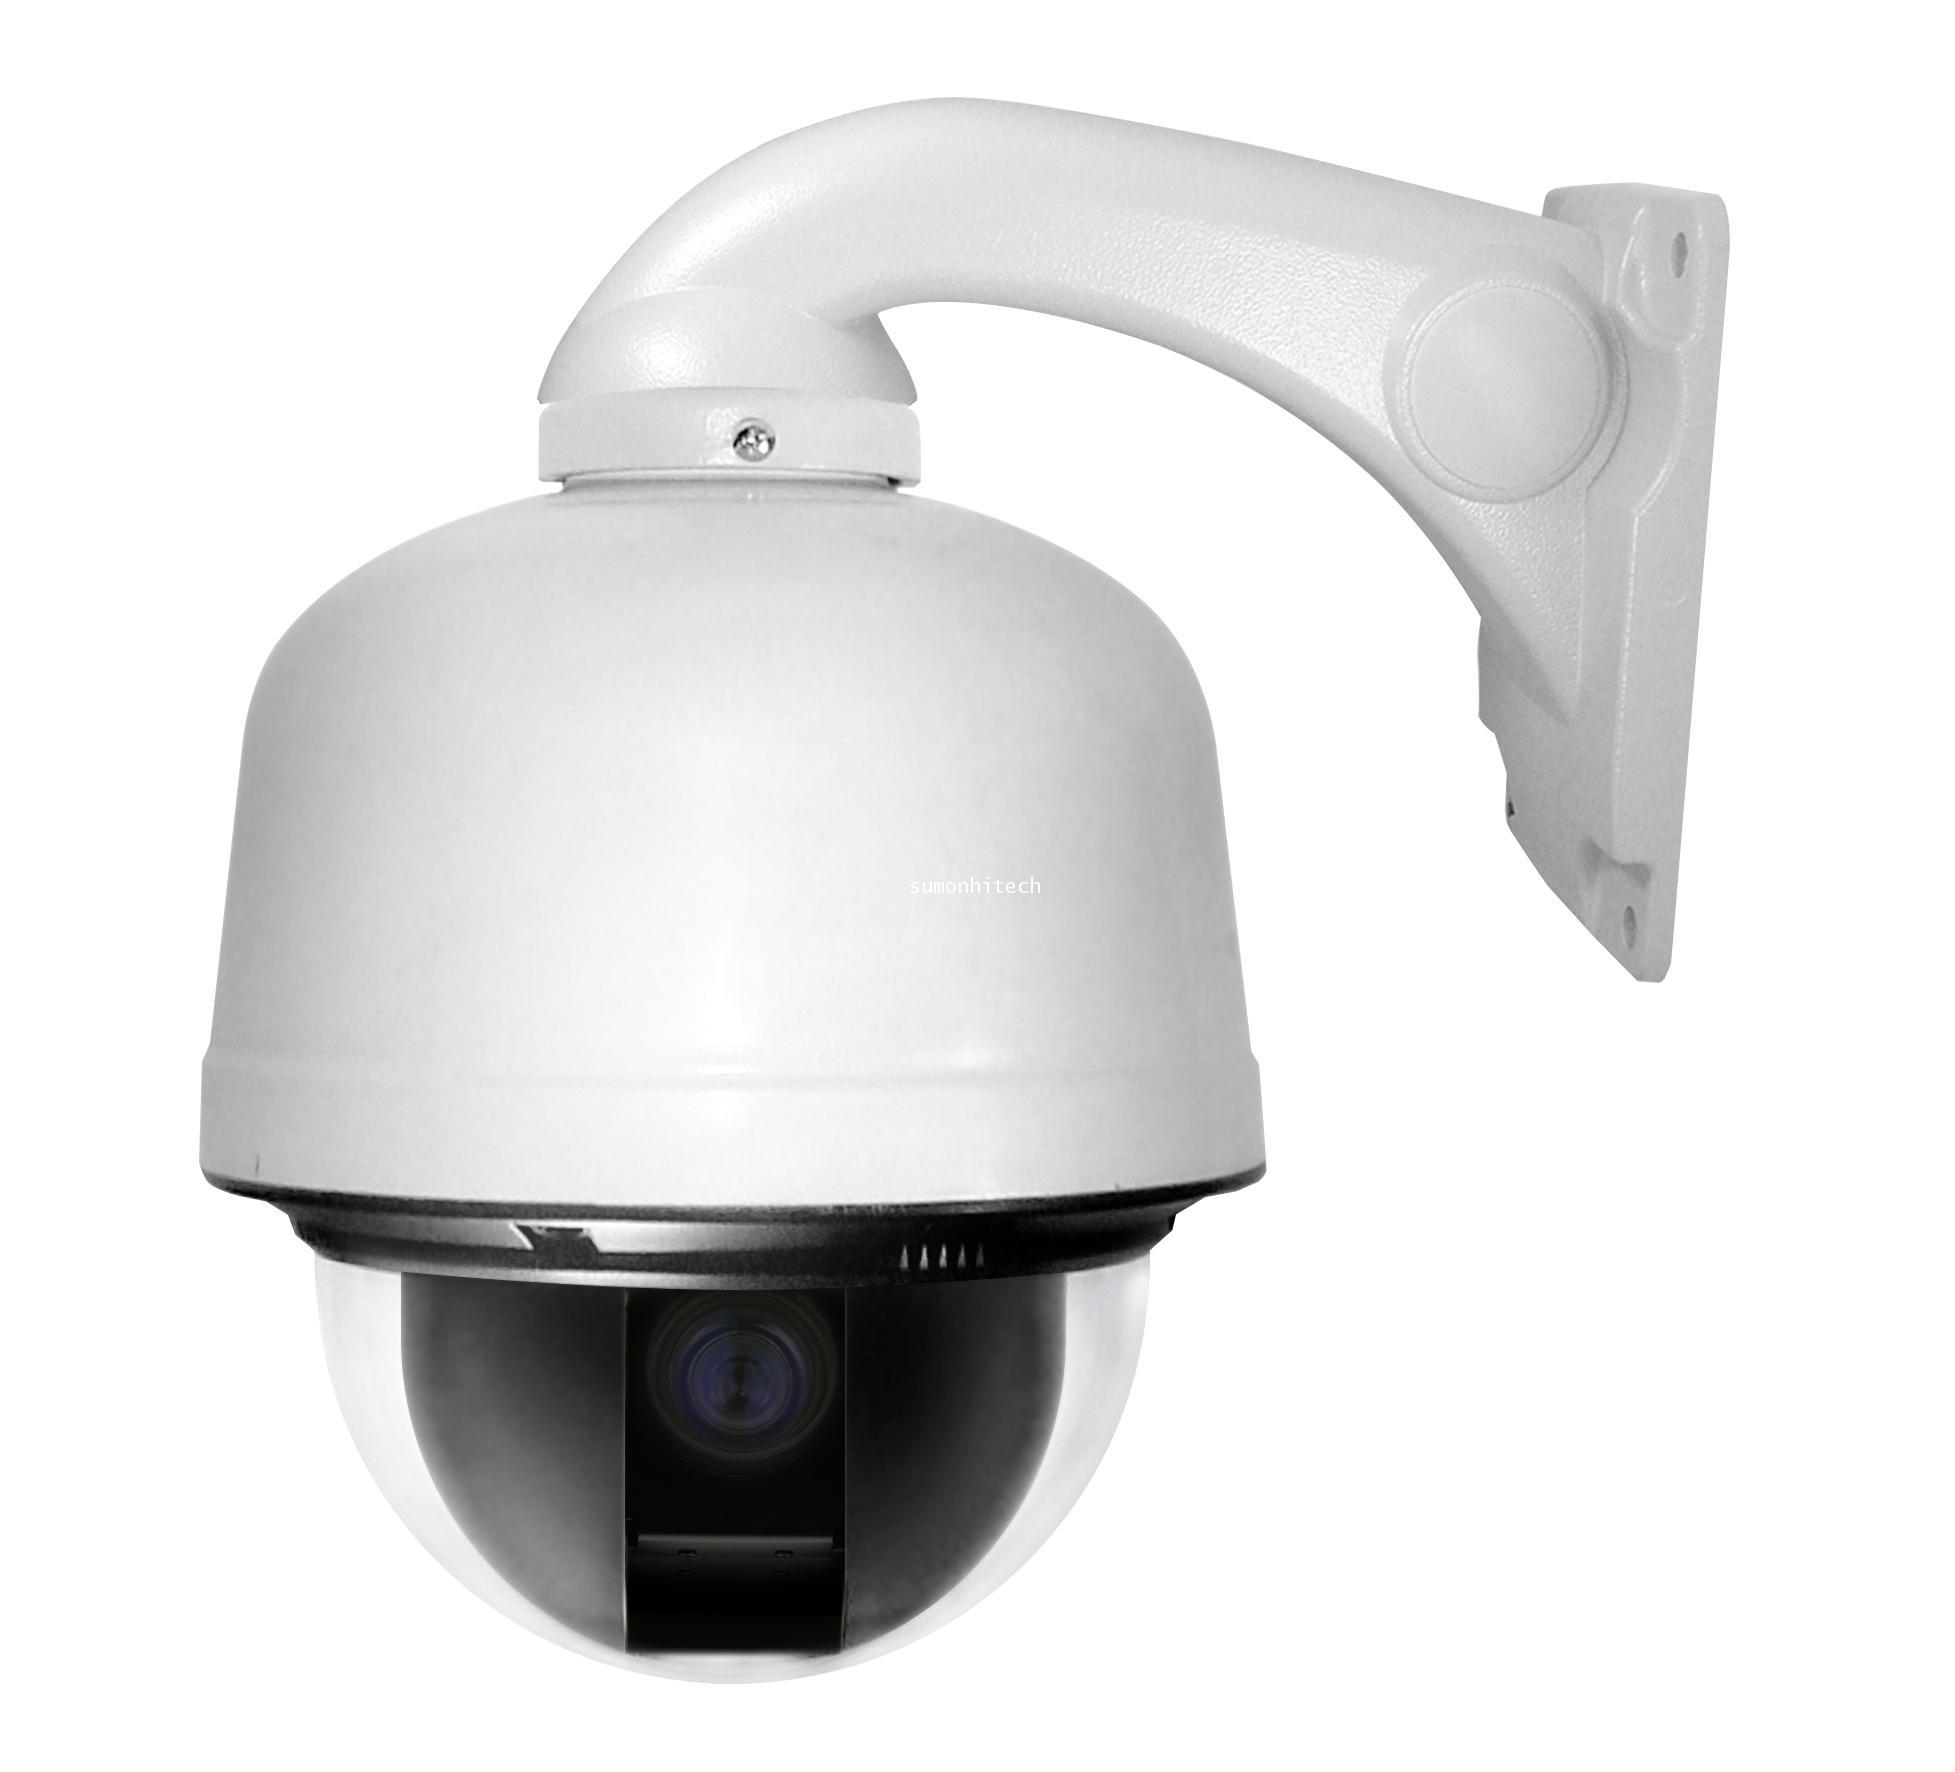 กล้องวงจรปิด hi-view HI-240SE